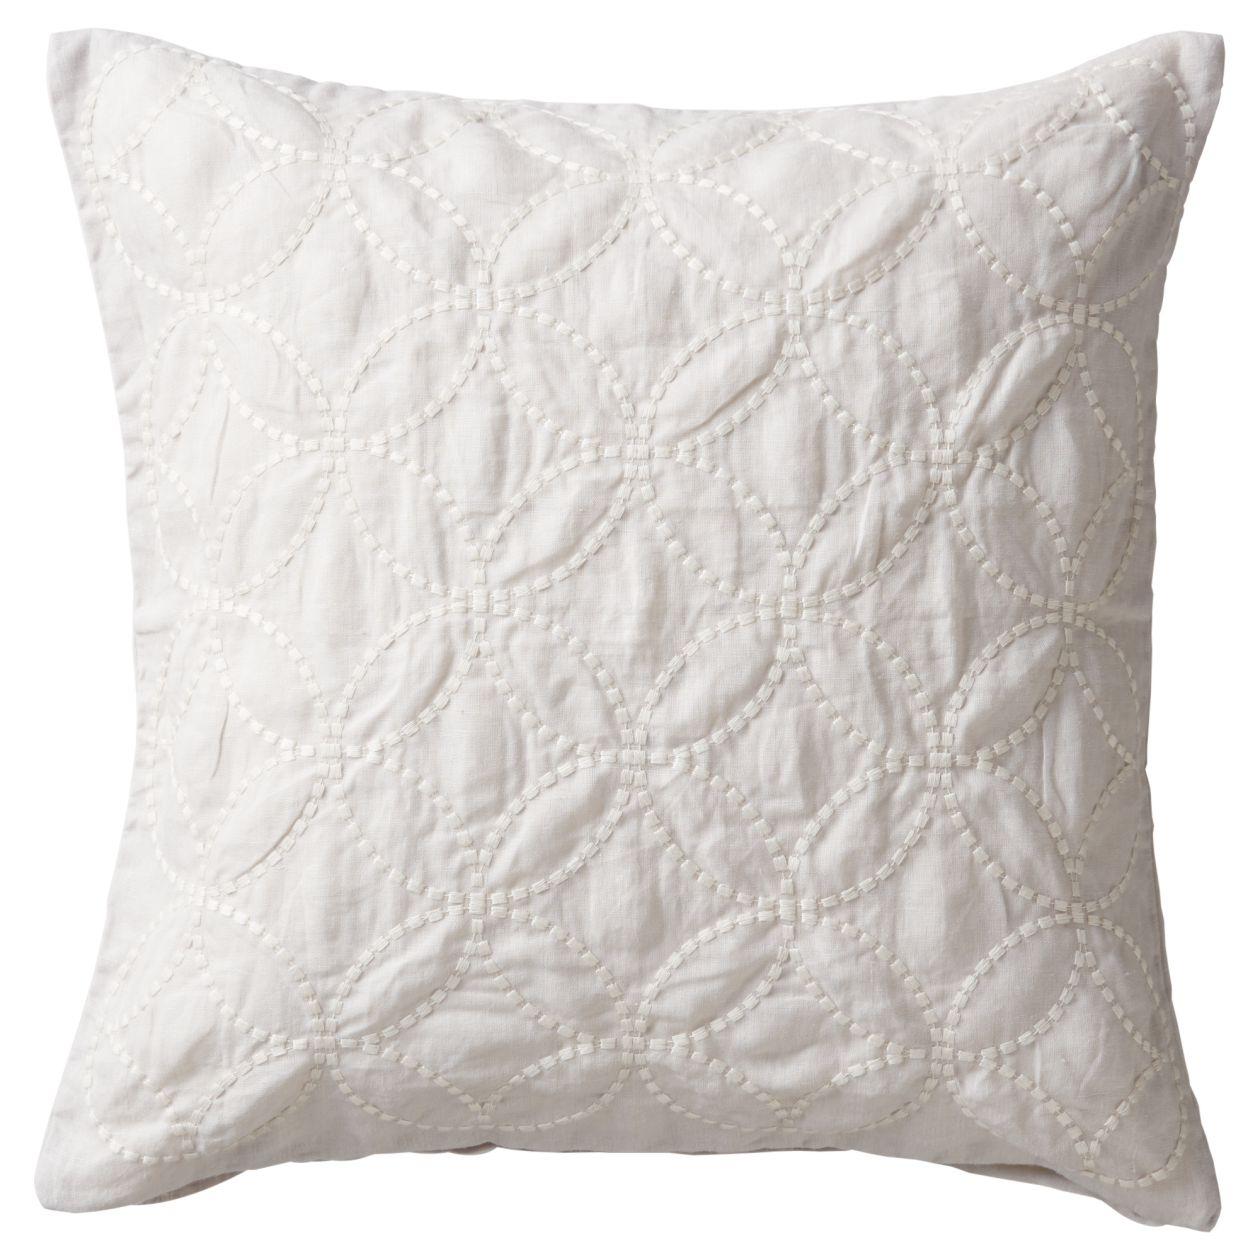 麻平織刺繍クッションカバー/グレー×オフ白